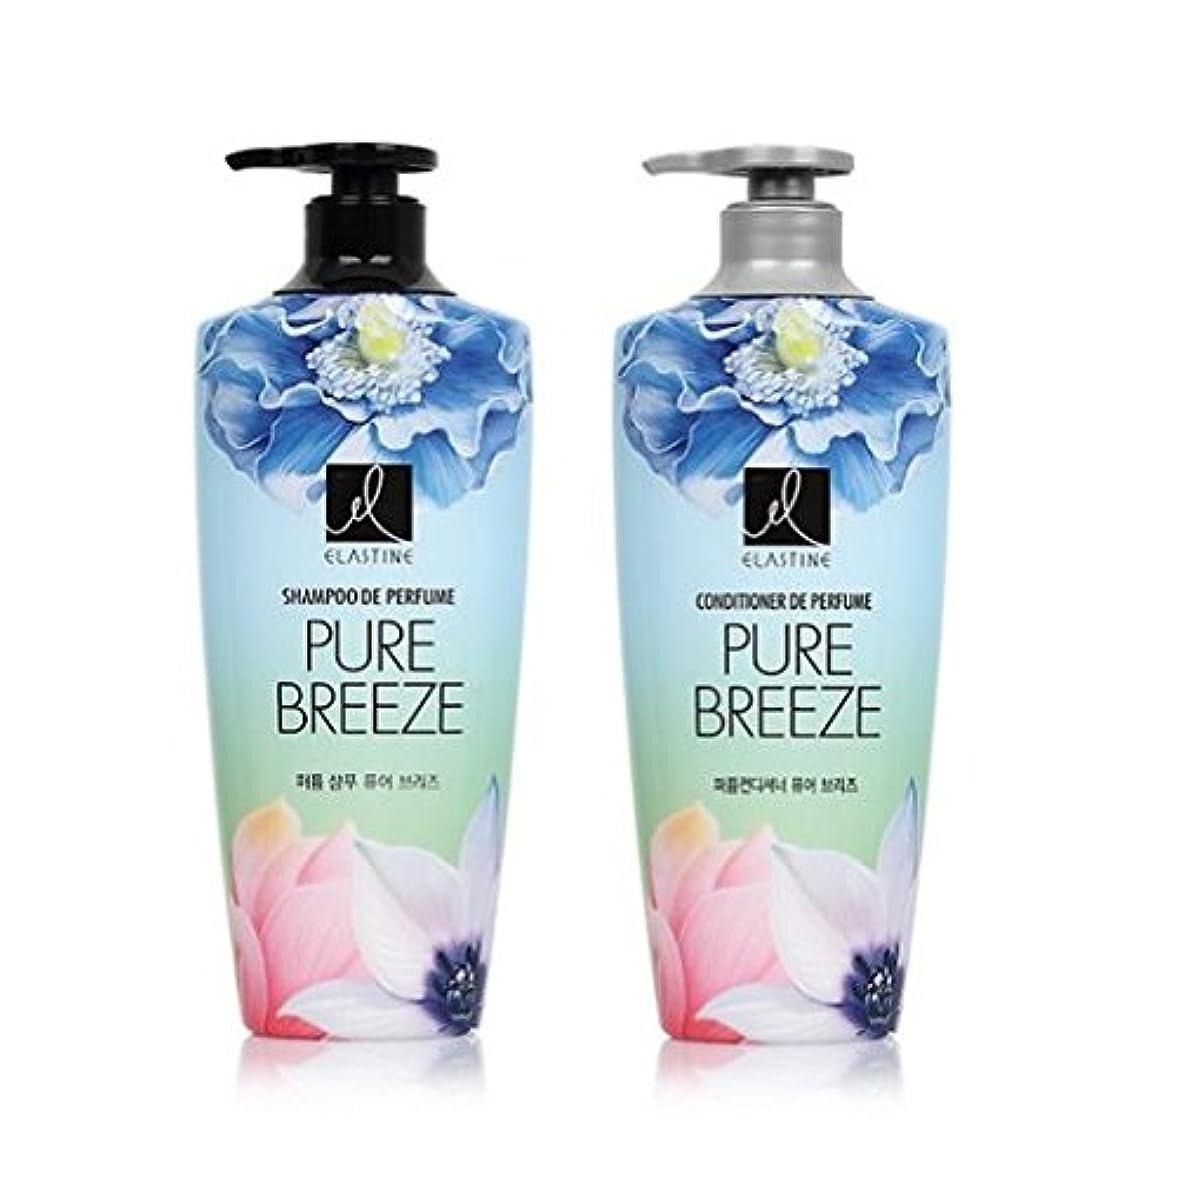 ペナルティ入場自動化[エラスティン] Elastine Perfume PURE BREEZE 4本 セット / シャンプー(600ml) + コンディショナー(600ml) / パフュームピュアブリーズ [並行輸入品] (シャンプー 2本?コンディショナー 2本)